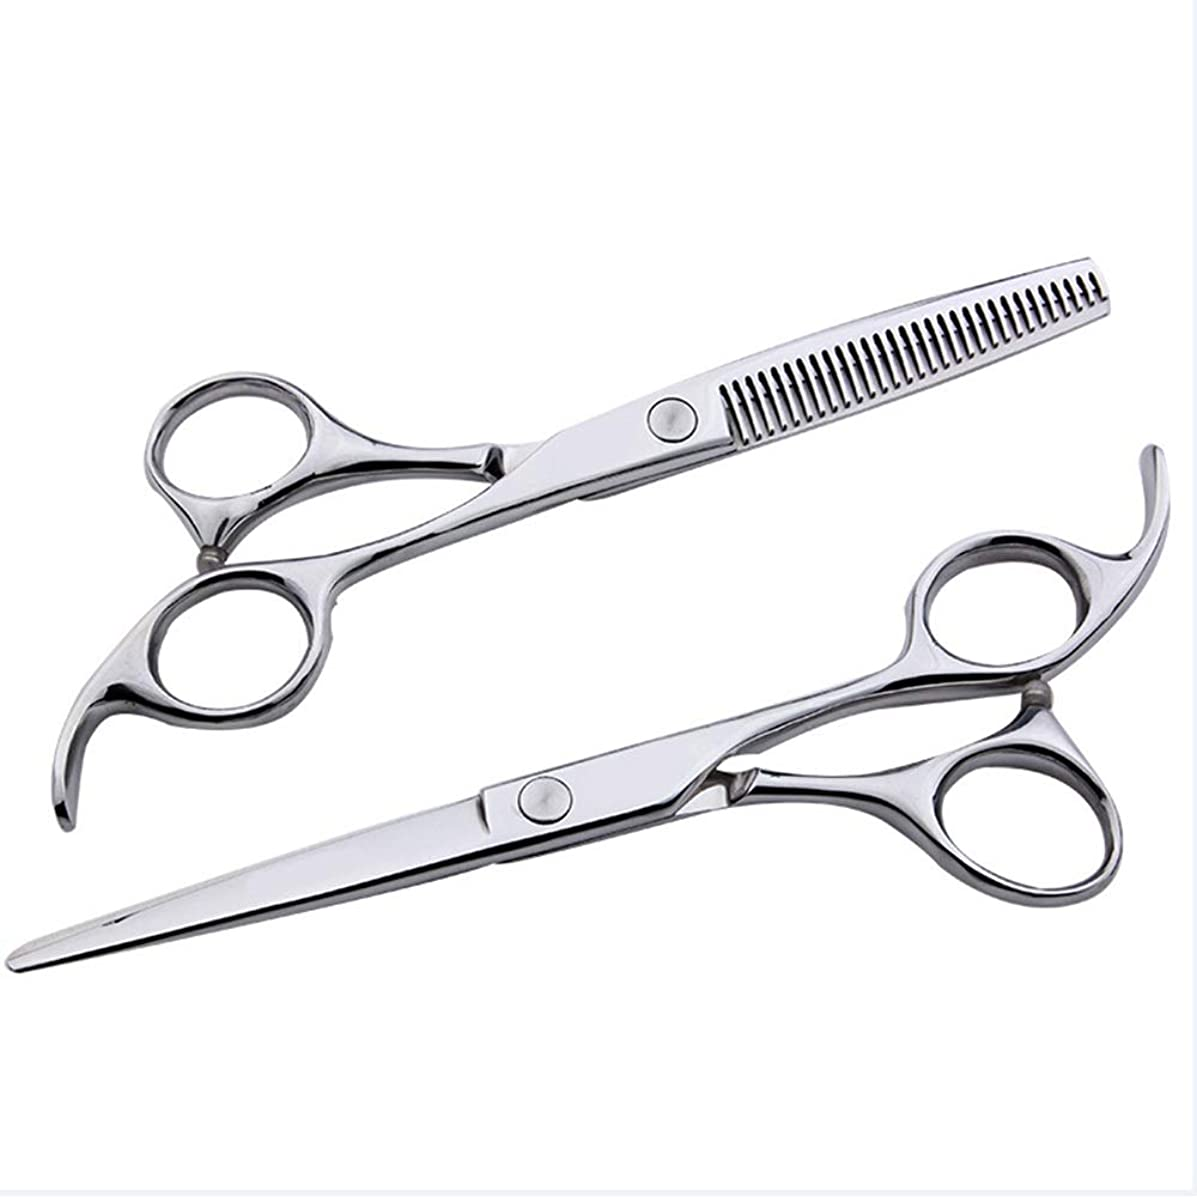 ロッカー虫を数える特性6インチ美容院プロフェッショナル理髪セット、フラット+歯シザー家族理髪ツールセット モデリングツール (色 : Silver)